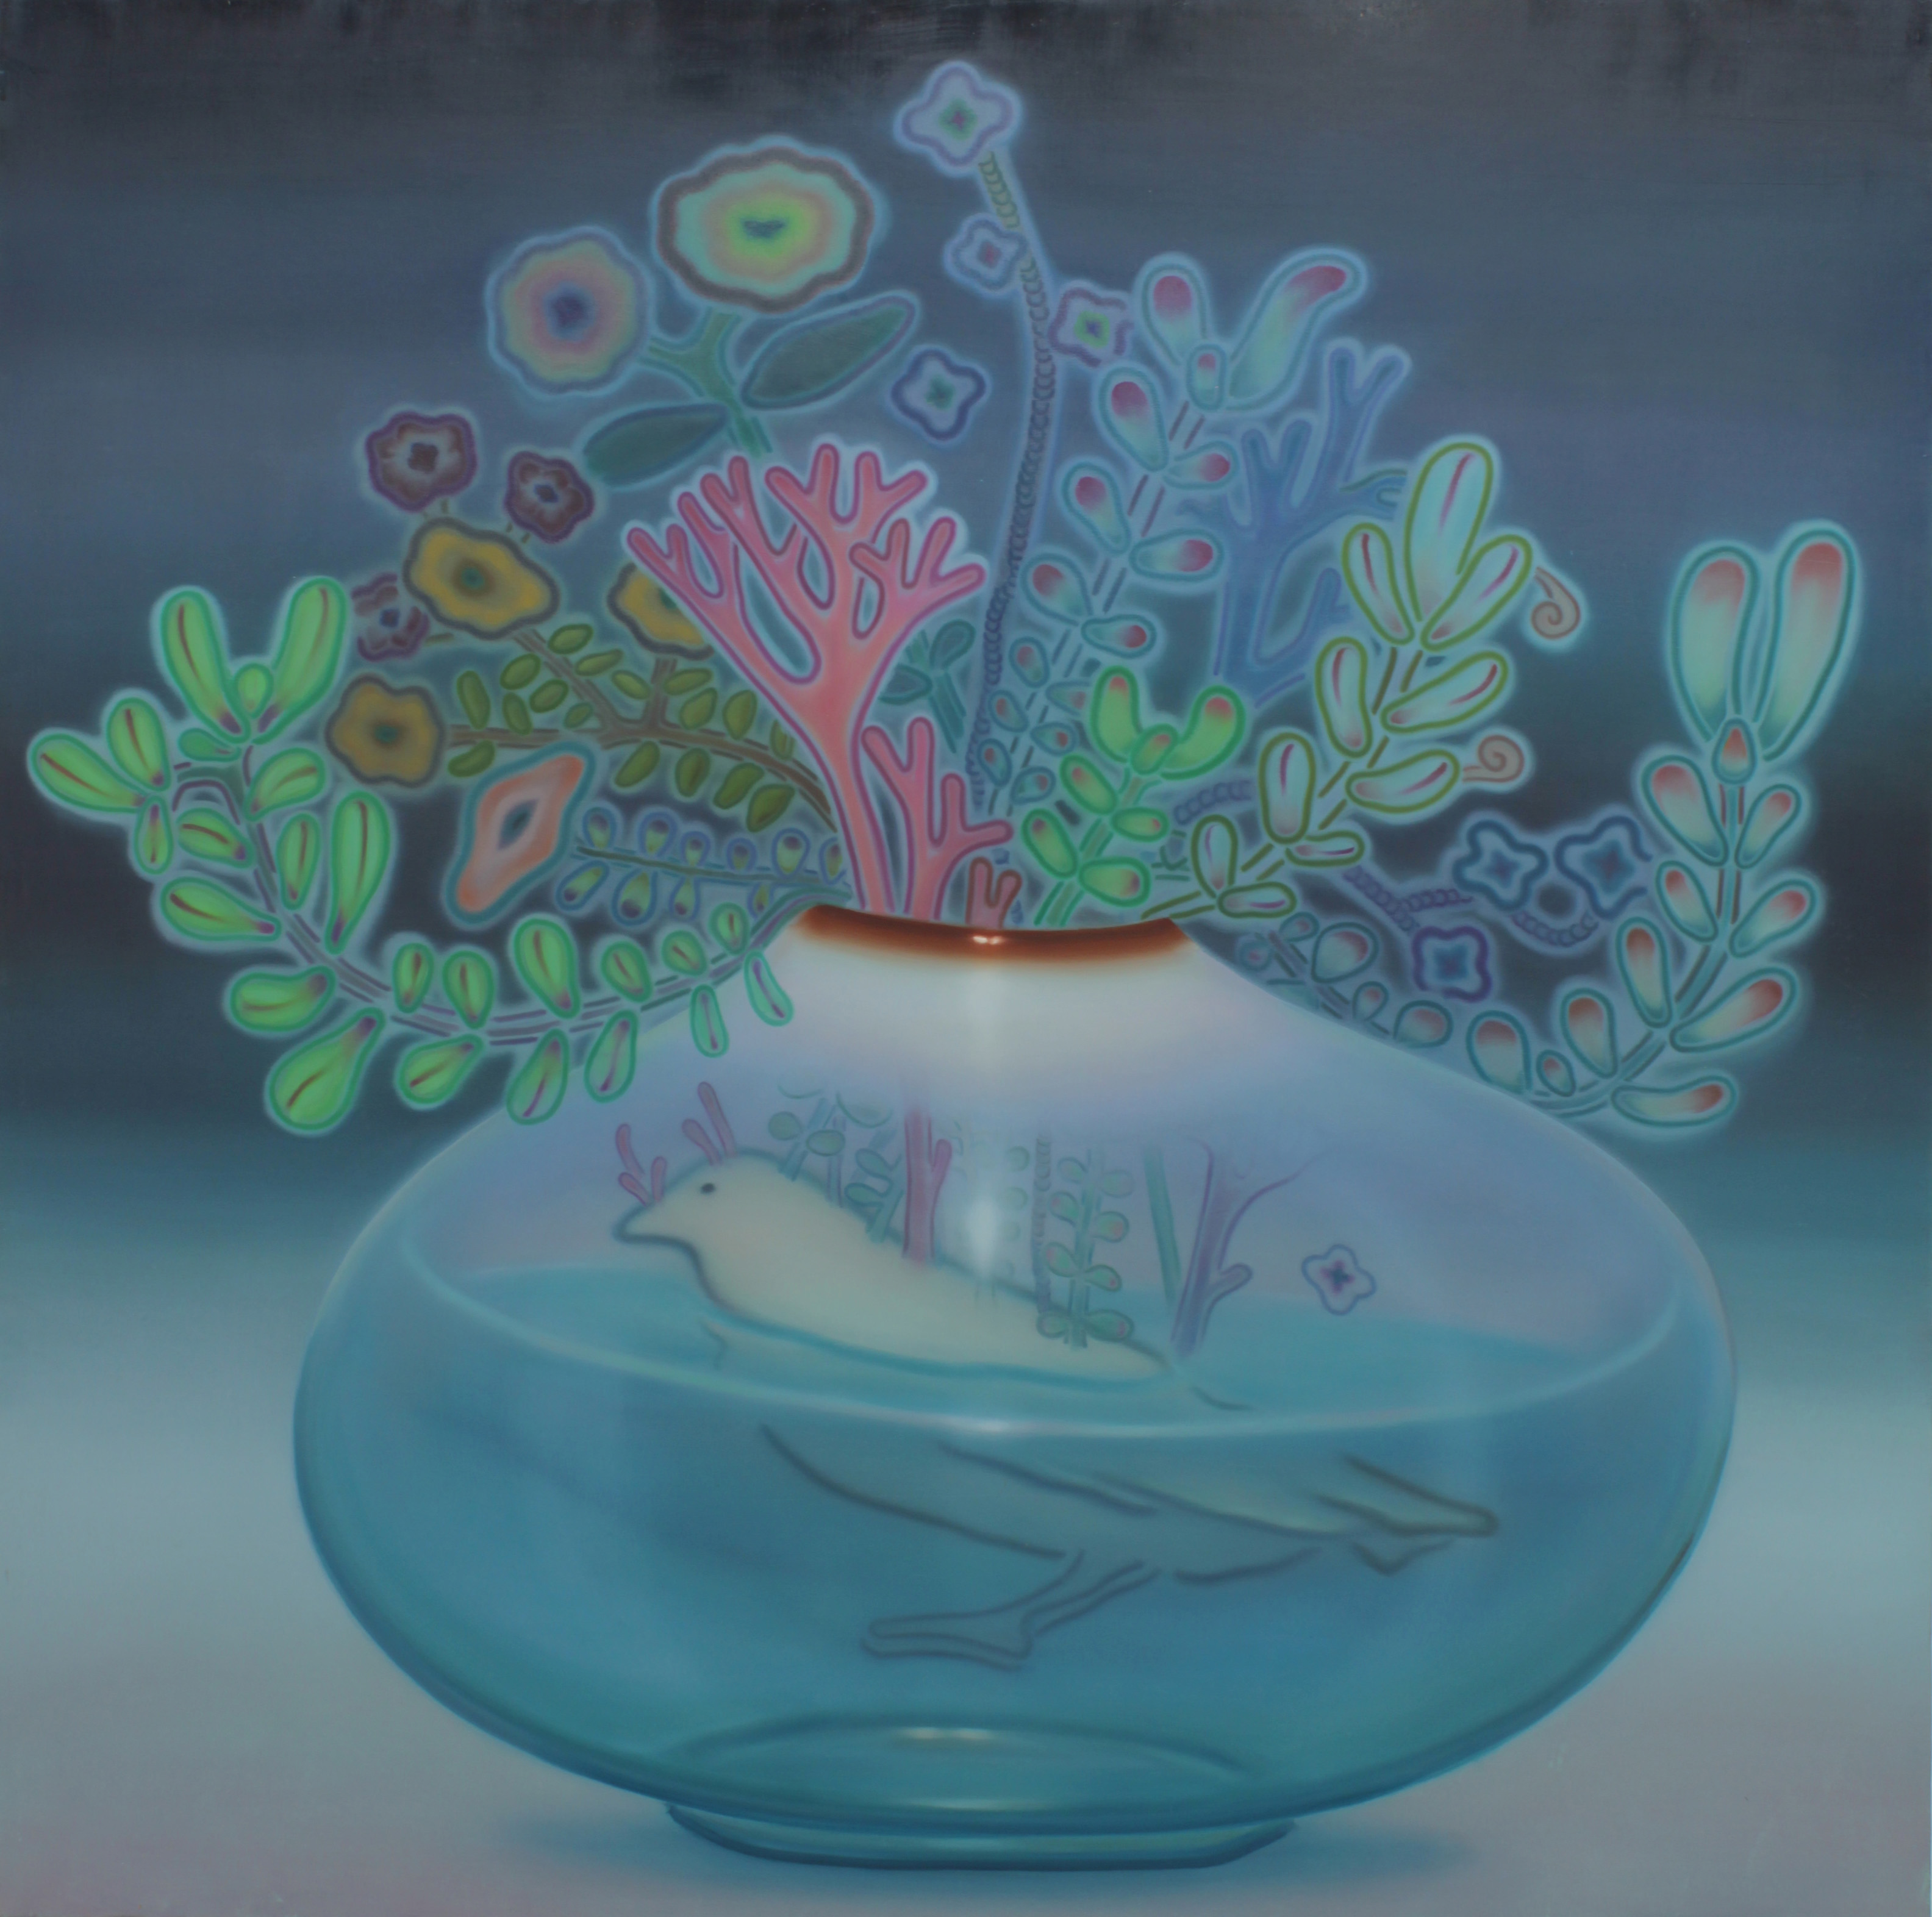 ハジマリノザワザワ 2010年 油彩 キャンバス 145.5✕145.5(cm)